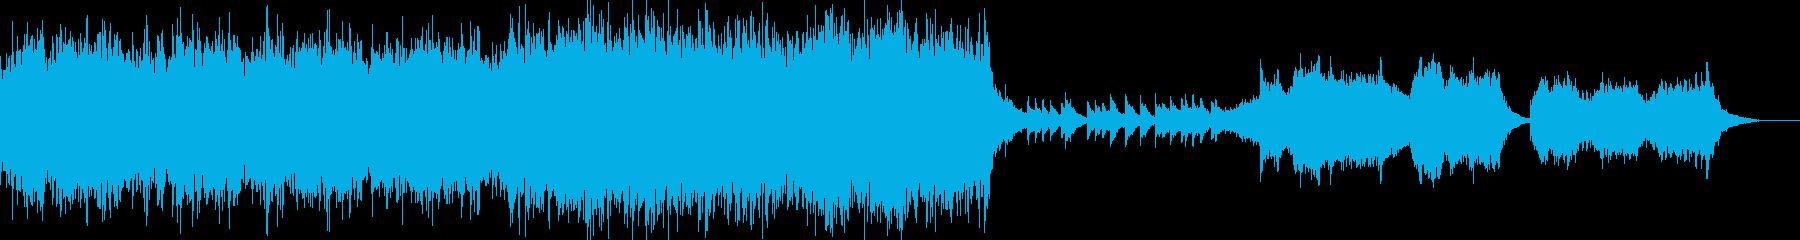 ドラゴンブレイド第11弾ラスボス系の再生済みの波形